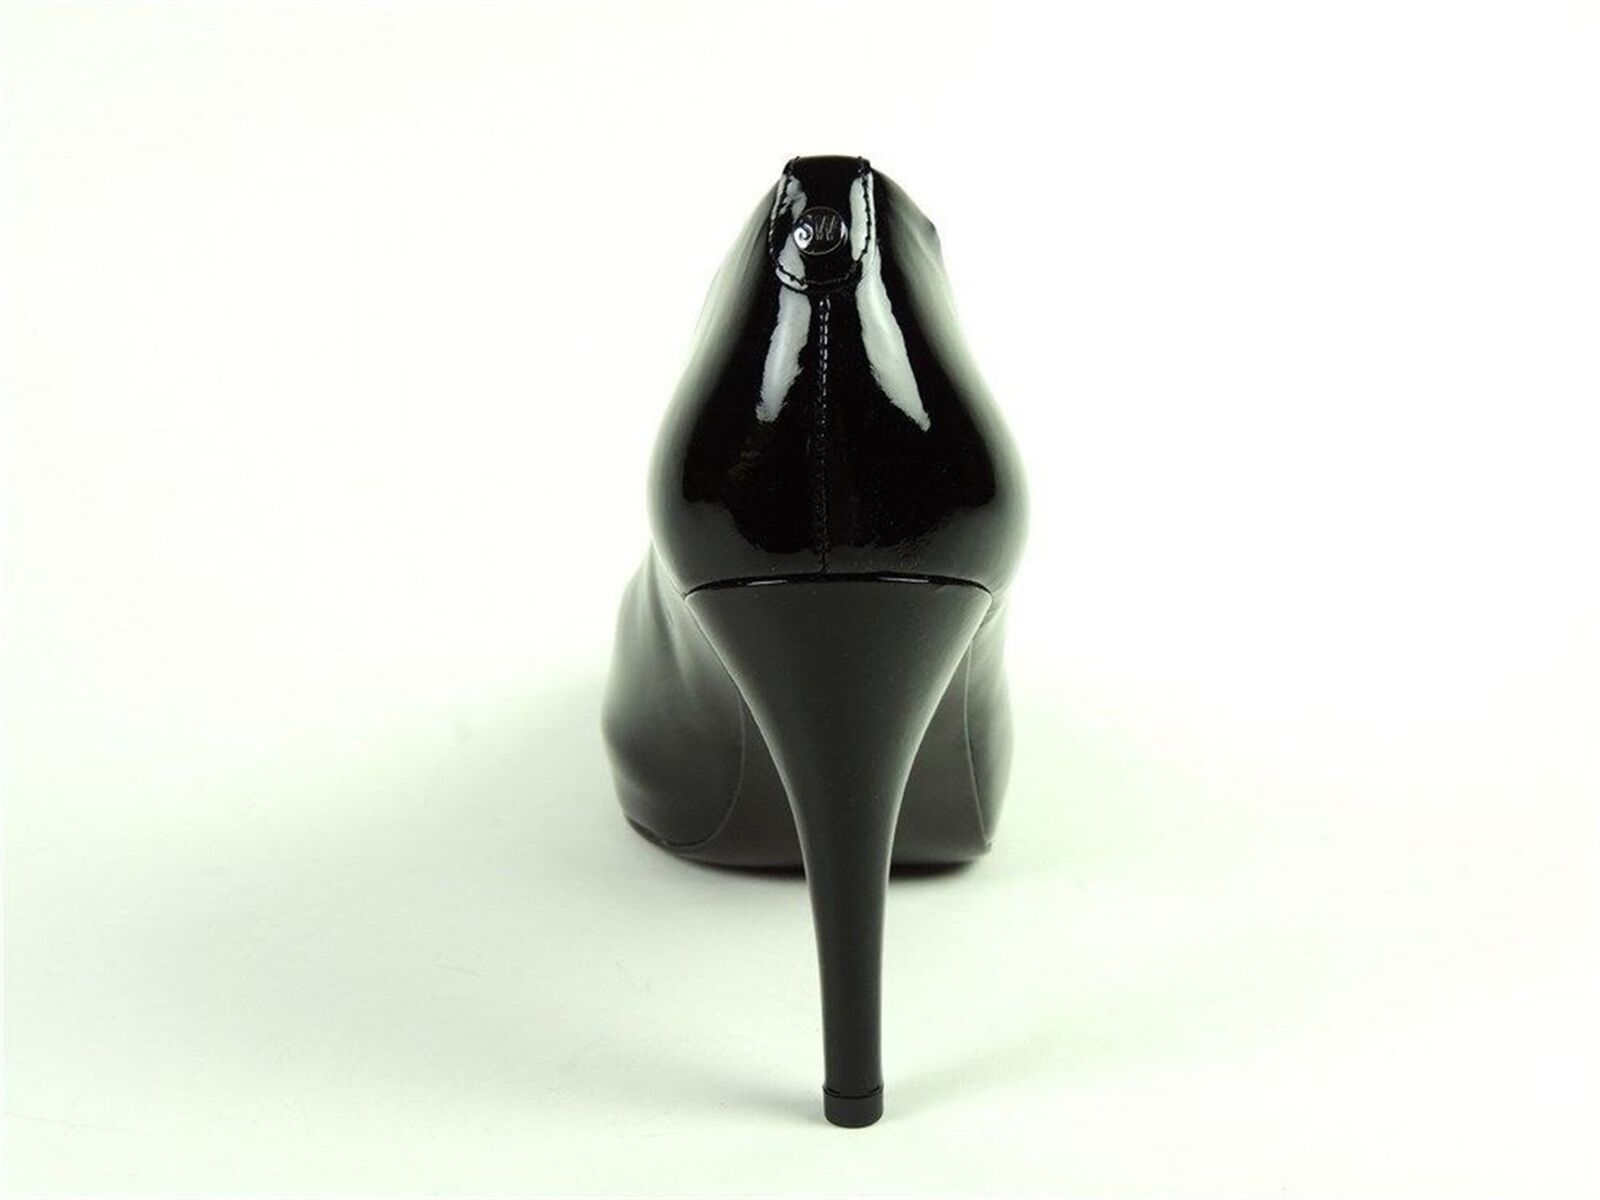 Stuart Weitzman Mujer Sierra de salón con Plataforma De Cuero Negro Negro Cuero Tamaño 10.5 M c8fa04